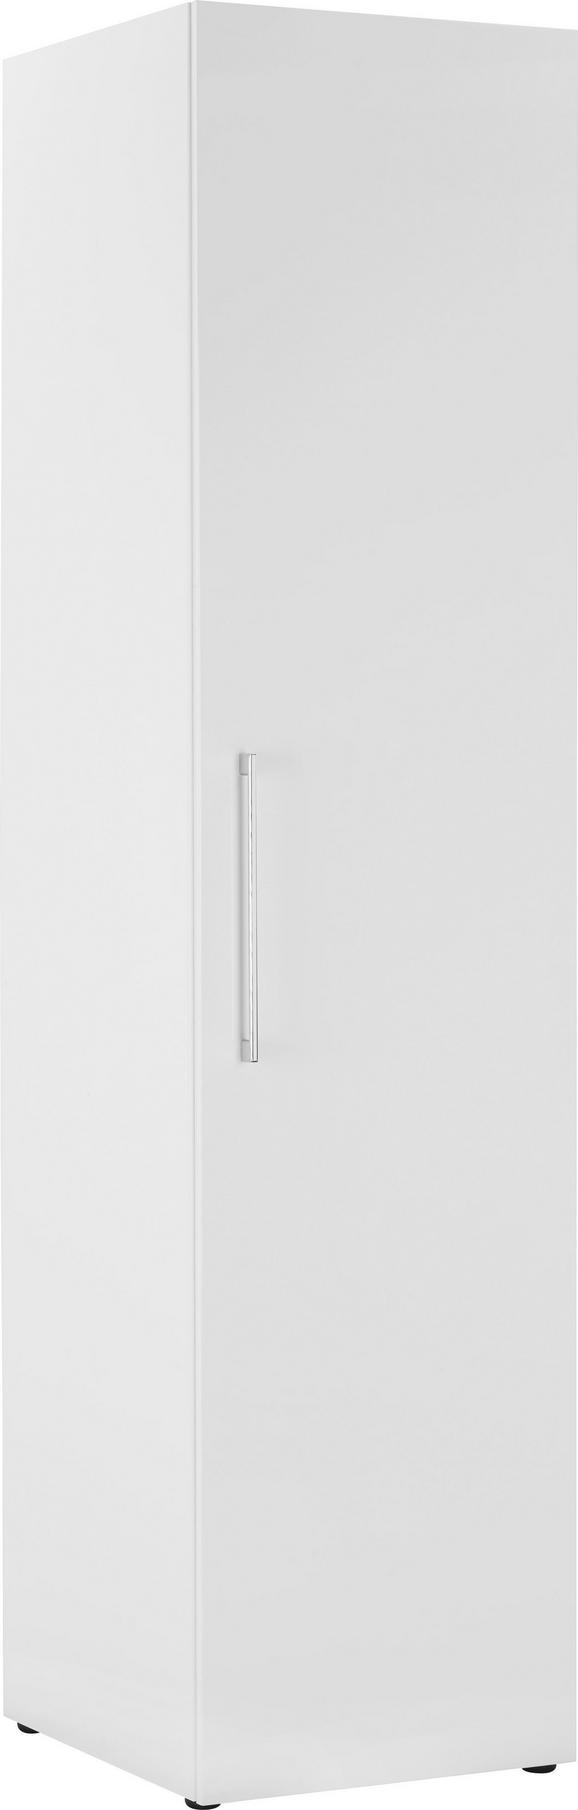 Kleiderschrank Weiß Hochglanz - Weiß, MODERN, Holz (50/208/57cm) - PREMIUM LIVING